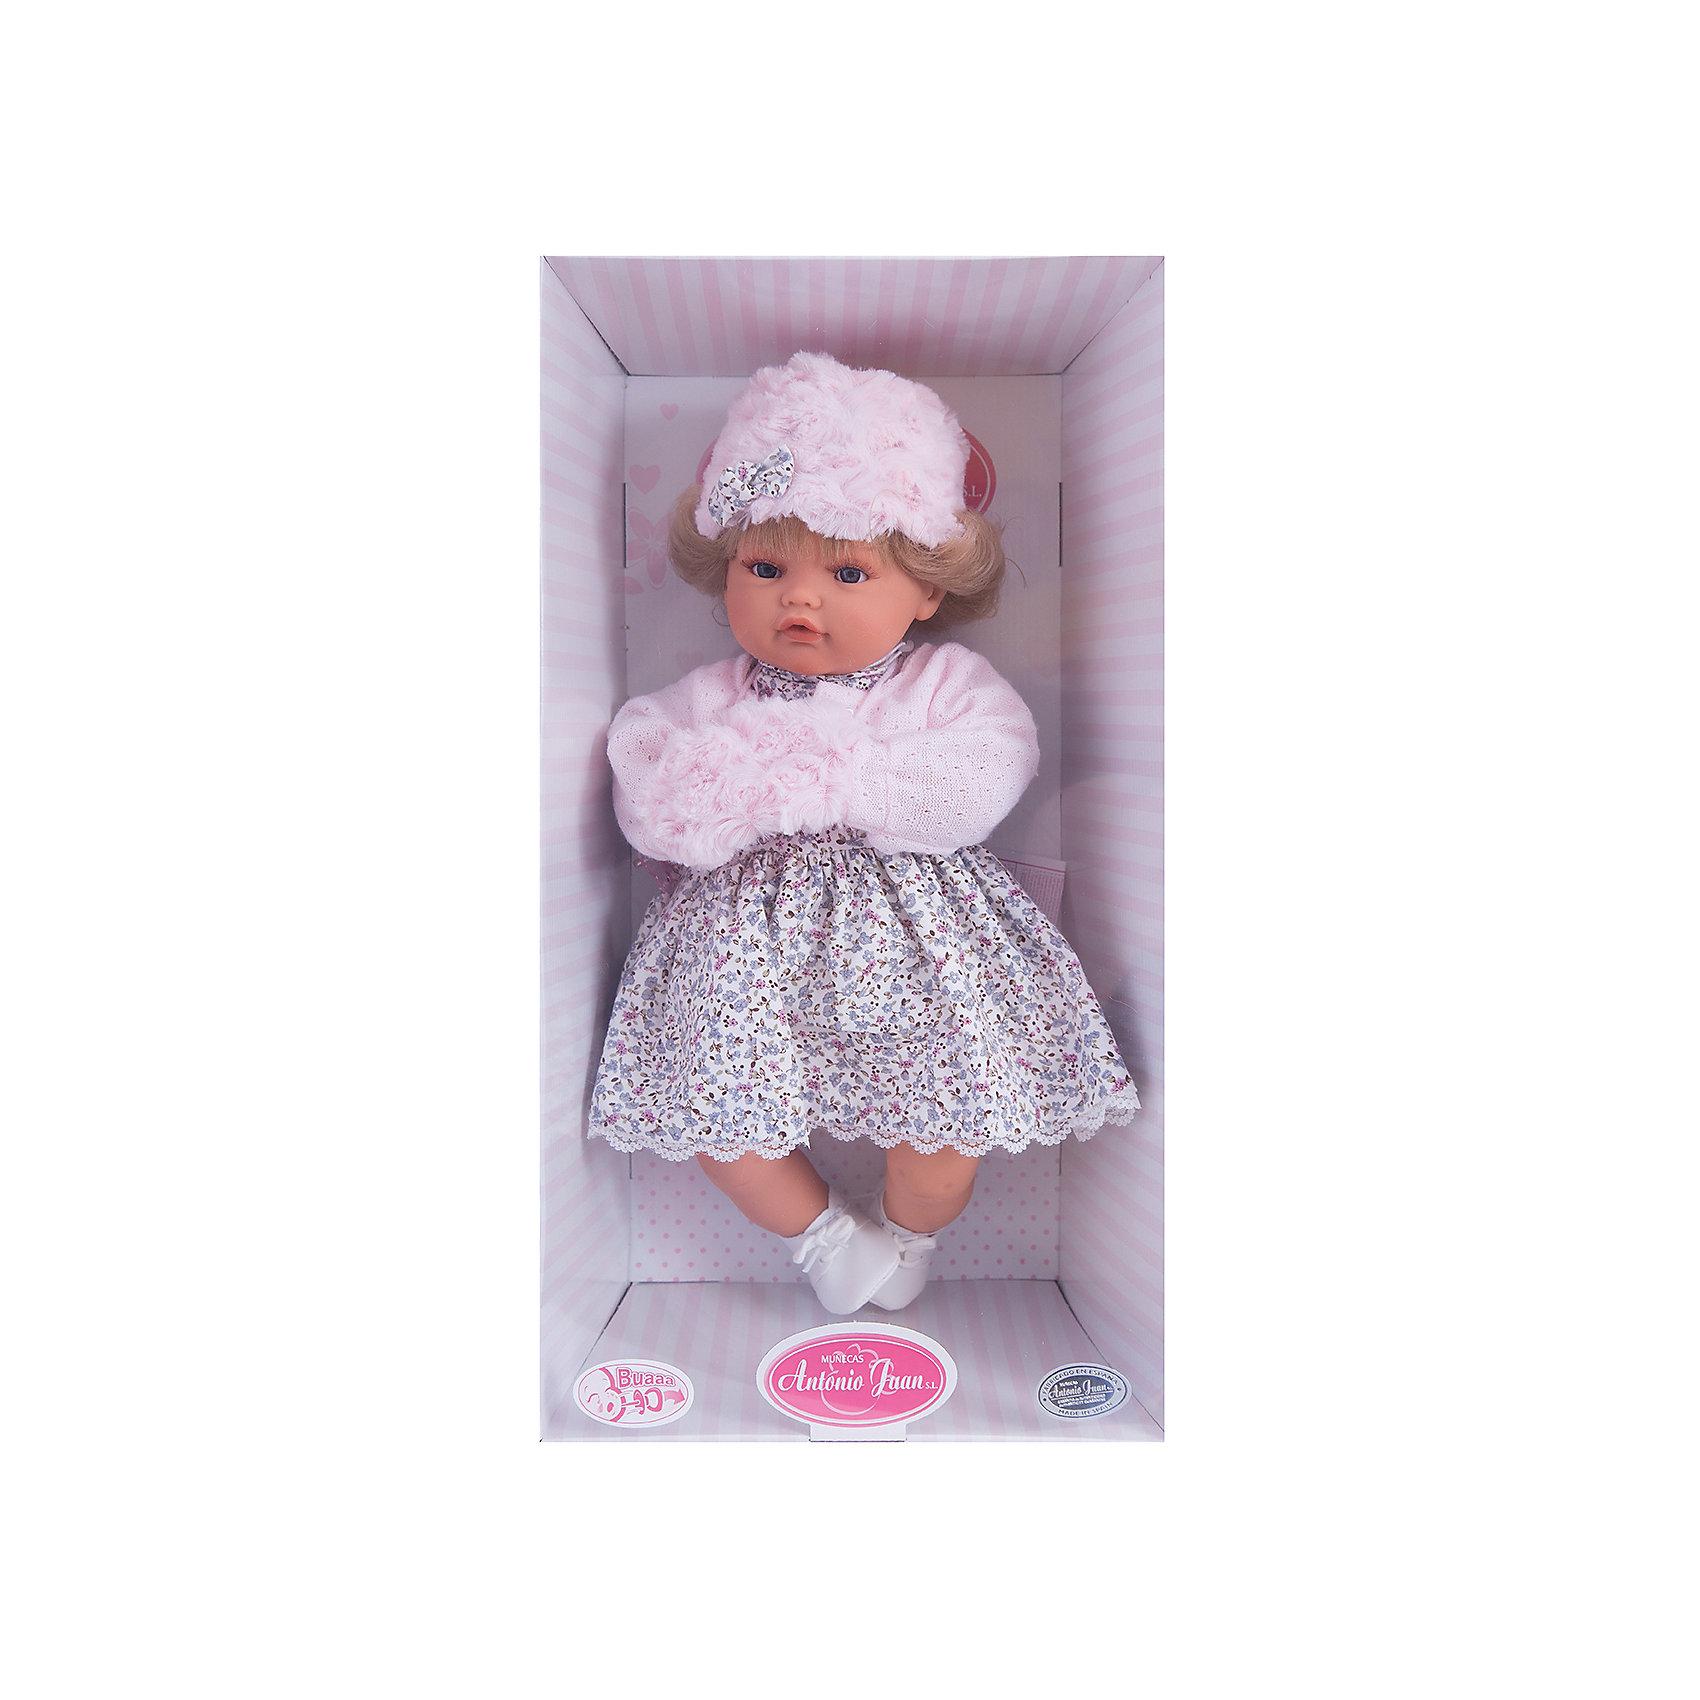 Кукла Белла в розовом,  42 см, Munecas Antonio JuanИнтерактивные куклы<br>Кукла Белла в розовом,  42 см, JUAN ANTONIO munecas (ХУАН АНТОНИО мунекас) – это качественные игрушки из Испании, популярные во всем мире<br>Кукла Белла со светлыми волосами такая милая и очаровательная, что не оставит равнодушным ни ребенка, ни даже взрослого. Кукла Белла одета в пестрое платье, кофточку в руках у нее манто. На голове у куклы теплая шапочка. «Маленькая мама» без опаски может брать малышку на прогулку. О Белле надо заботиться, потому что она плачет, если ей вовремя не дать соску. Тельце у куклы мягко-набивное, голова, ручки и ножки сделаны из мягкого качественного винила. Ручки и ножки подвижны. Образы малышей Мунекас разработаны известными европейскими дизайнерами. Они натуралистичны, анатомически точны, копируют настоящих младенцев. Макеты кукол слеплены вручную, поэтому у каждой из моделей индивидуальные черты лица, которые вместе с нарядом и аксессуарами составляют уникальный и неповторимый образ.<br><br>Дополнительная информация:<br><br>- В комплекте: кукла, соска<br>- Интерактивные функции куклы: выньте соску - кукла заплачет, вставьте соску в ротик - кукла замолчит<br>- Глаза куклы не закрываются<br>- Высоты куклы: 42 см.<br>- Работает от 3-х батареек LR44 (таблетки) (батарейки входят в комплект)<br>- После покупки игрушки перед игрой куклу необходимо активировать, вынув защитную полоску из механизма с батарейками<br><br>Куклу Белла в розовом,  42 см, JUAN ANTONIO munecas (ХУАН АНТОНИО мунекас) можно купить в нашем интернет-магазине.<br><br>Ширина мм: 150<br>Глубина мм: 305<br>Высота мм: 420<br>Вес г: 2100<br>Возраст от месяцев: 36<br>Возраст до месяцев: 72<br>Пол: Женский<br>Возраст: Детский<br>SKU: 3763712